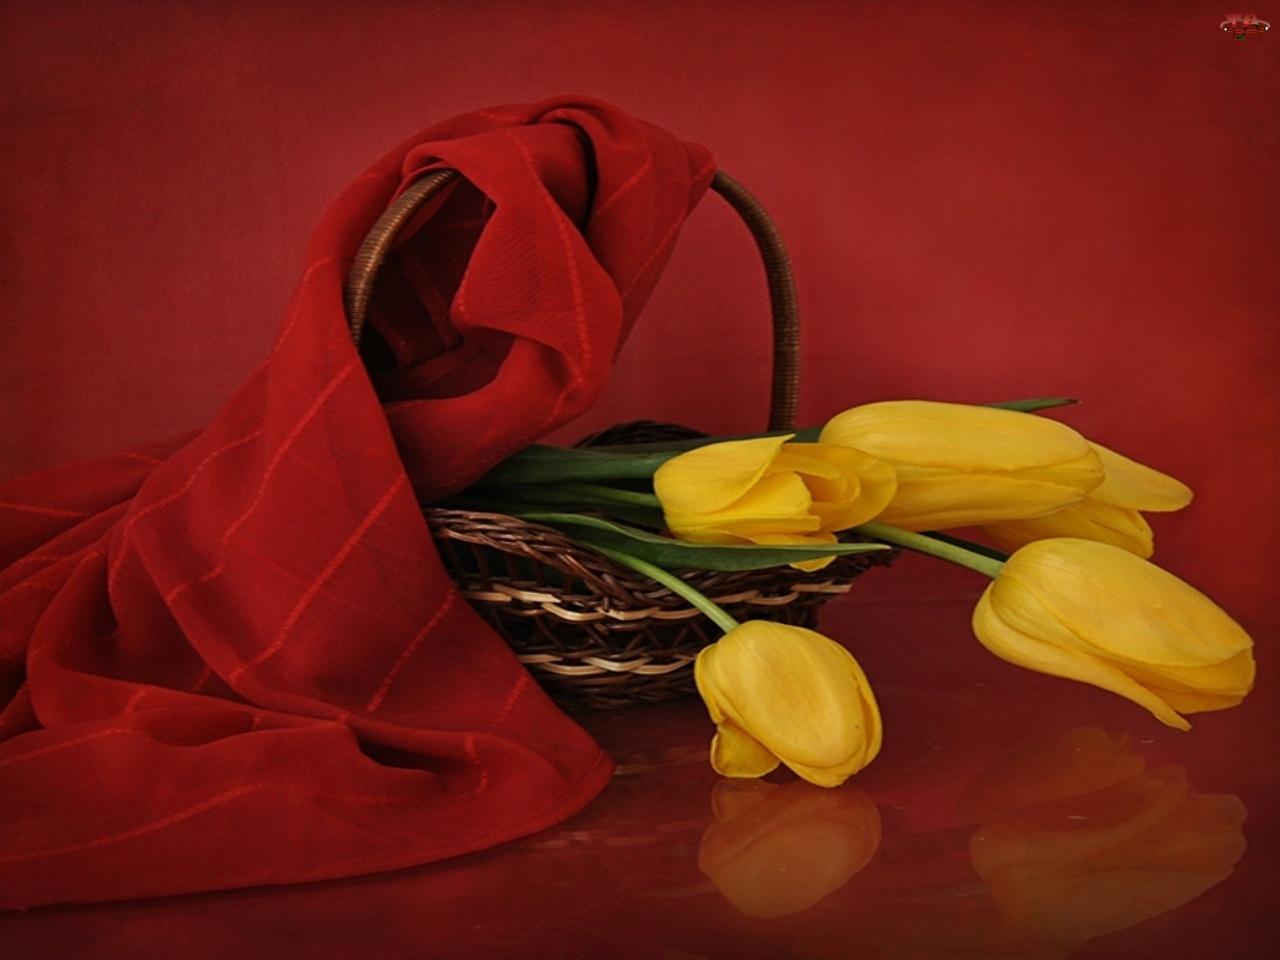 Szal, Żółte, Koszyk, Tulipany, Czerwony